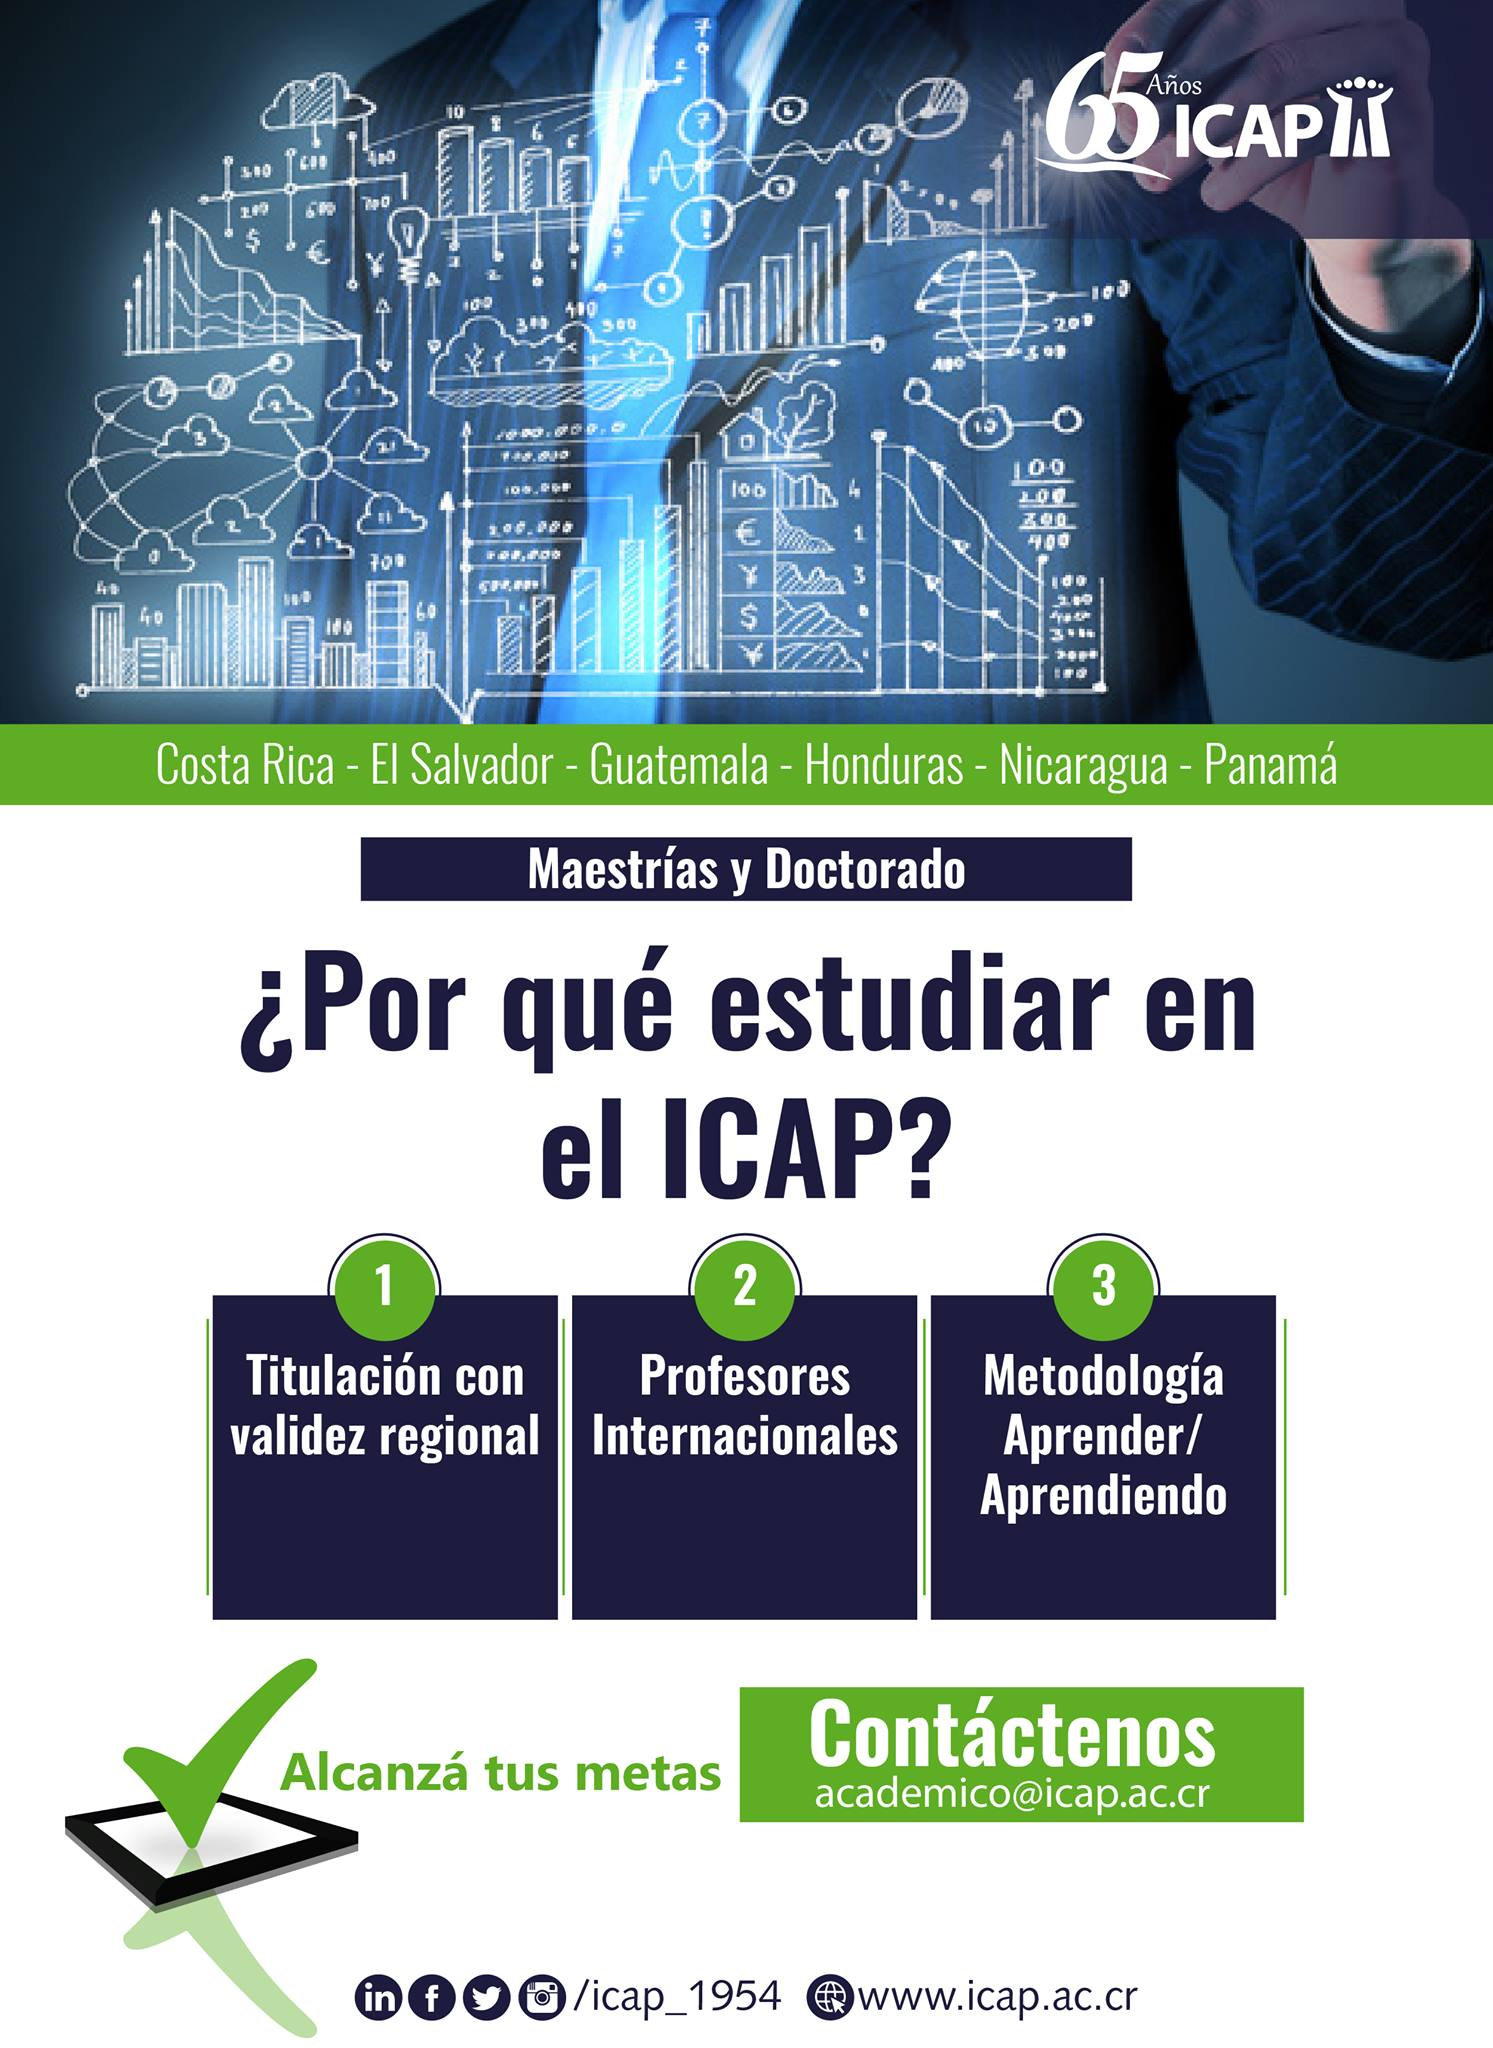 ICAP potencia su oferta académica 2020 en Centroamérica